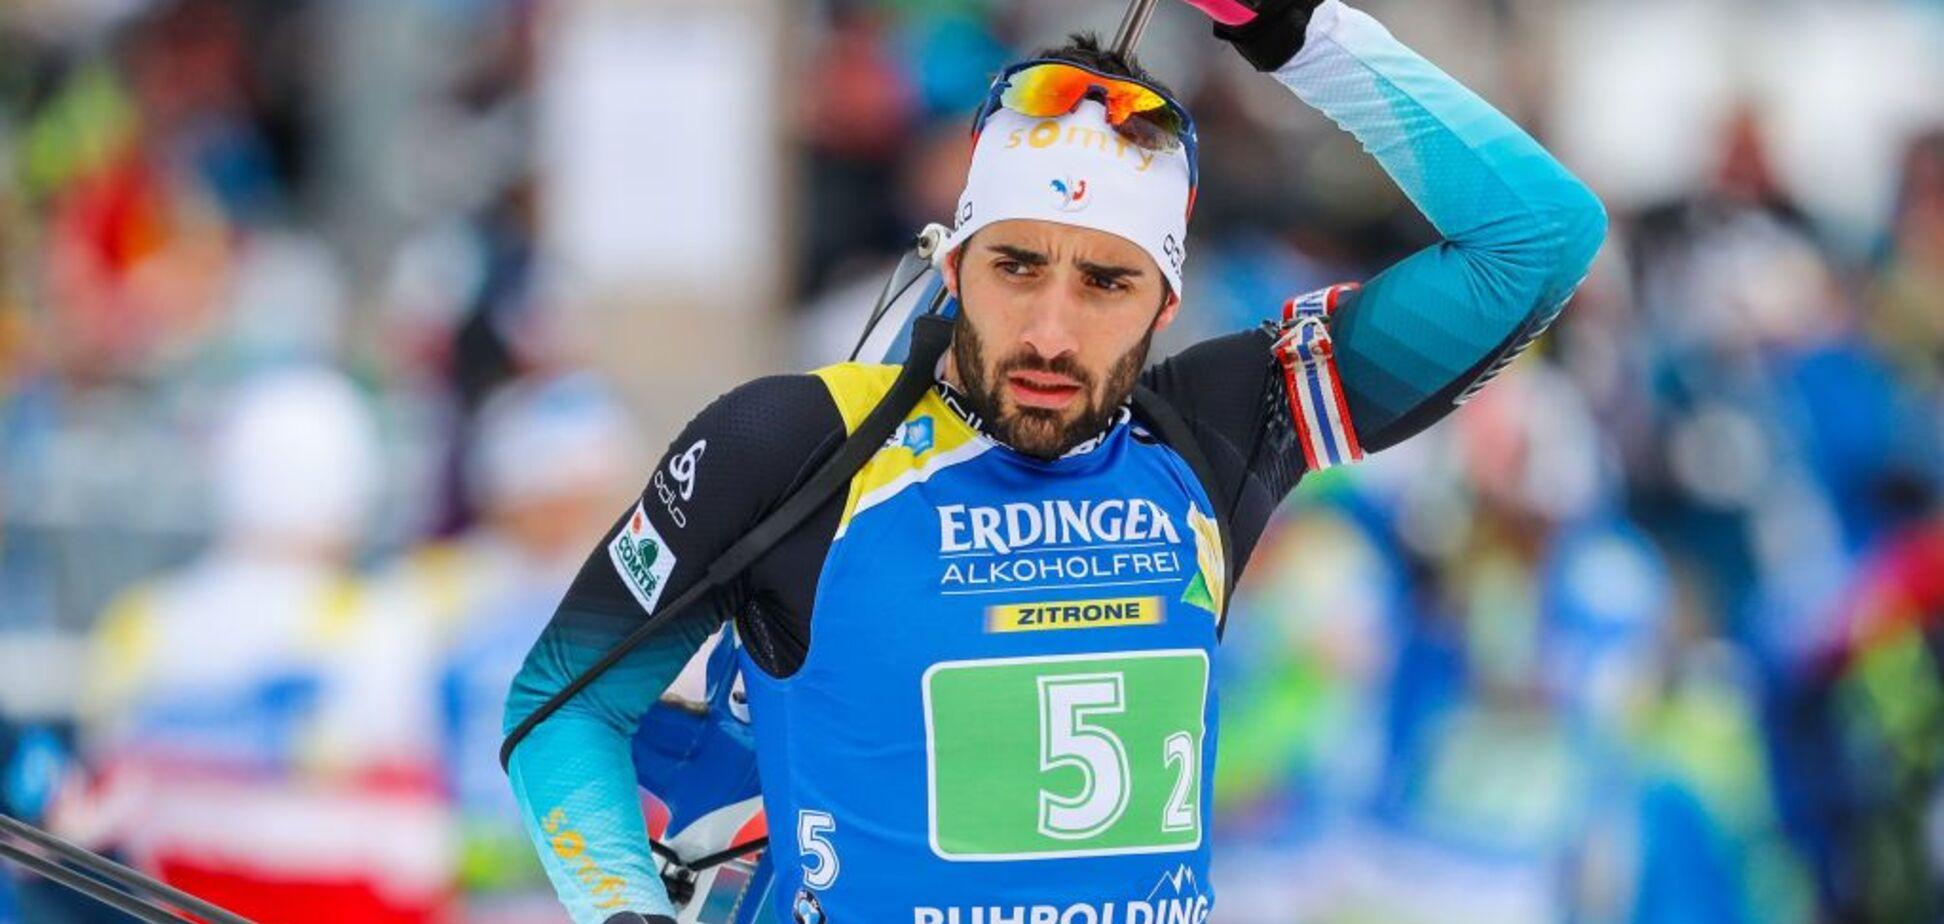 Лучшего биатлониста планеты затоптали в масс-старте Кубка мира - опубликовано видео